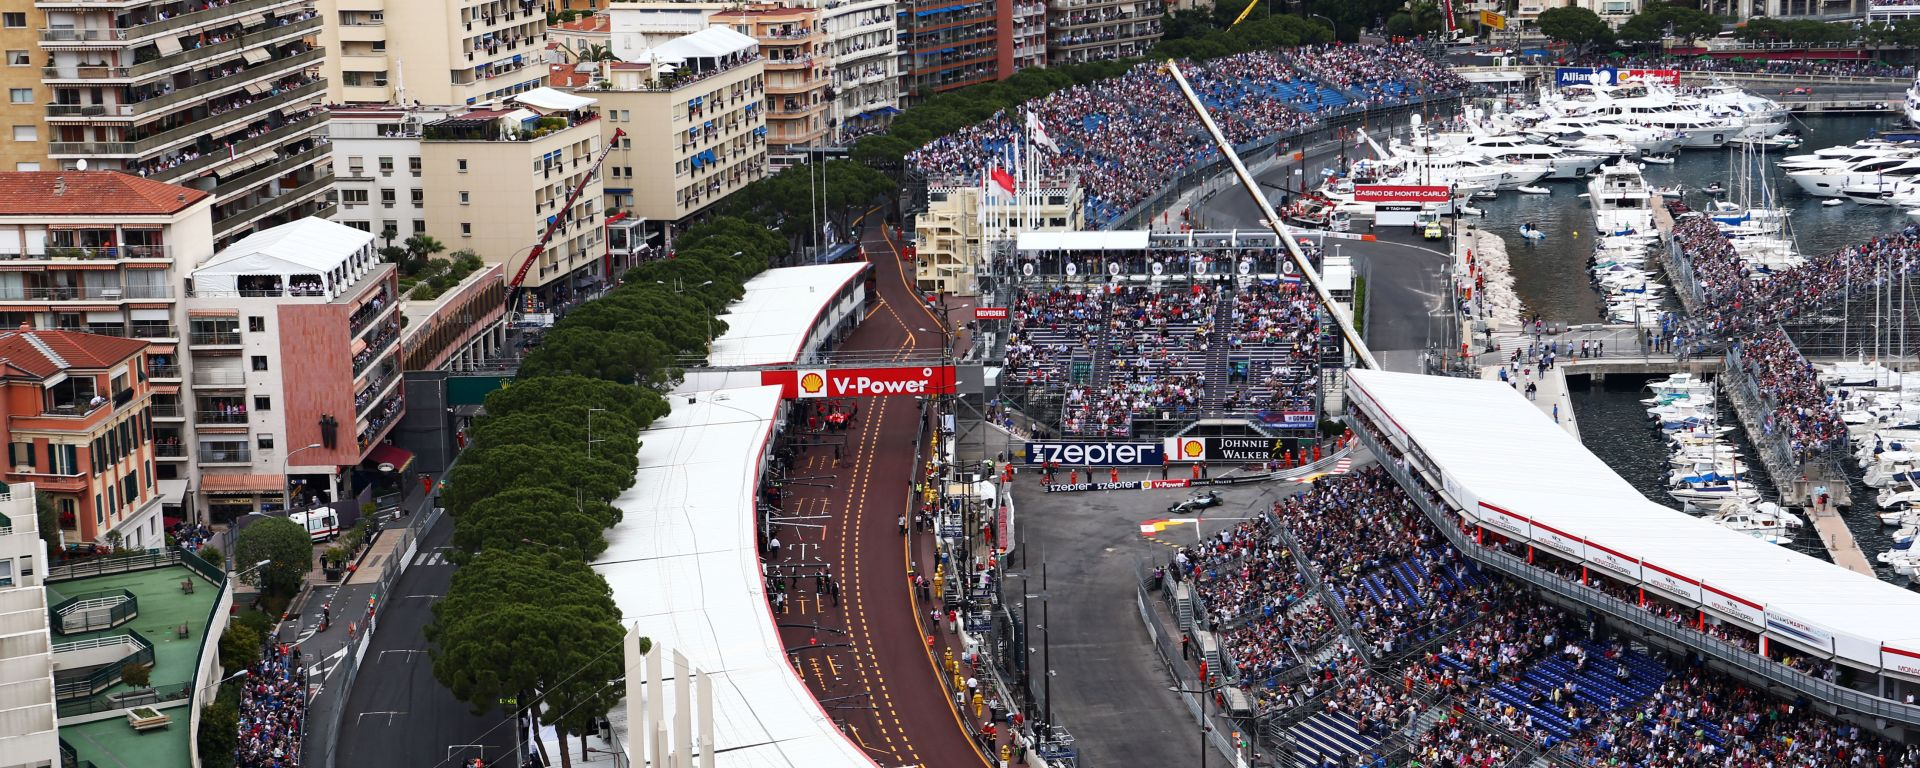 F1: panoramica del circuito di Monte Carlo, sede del GP Monaco